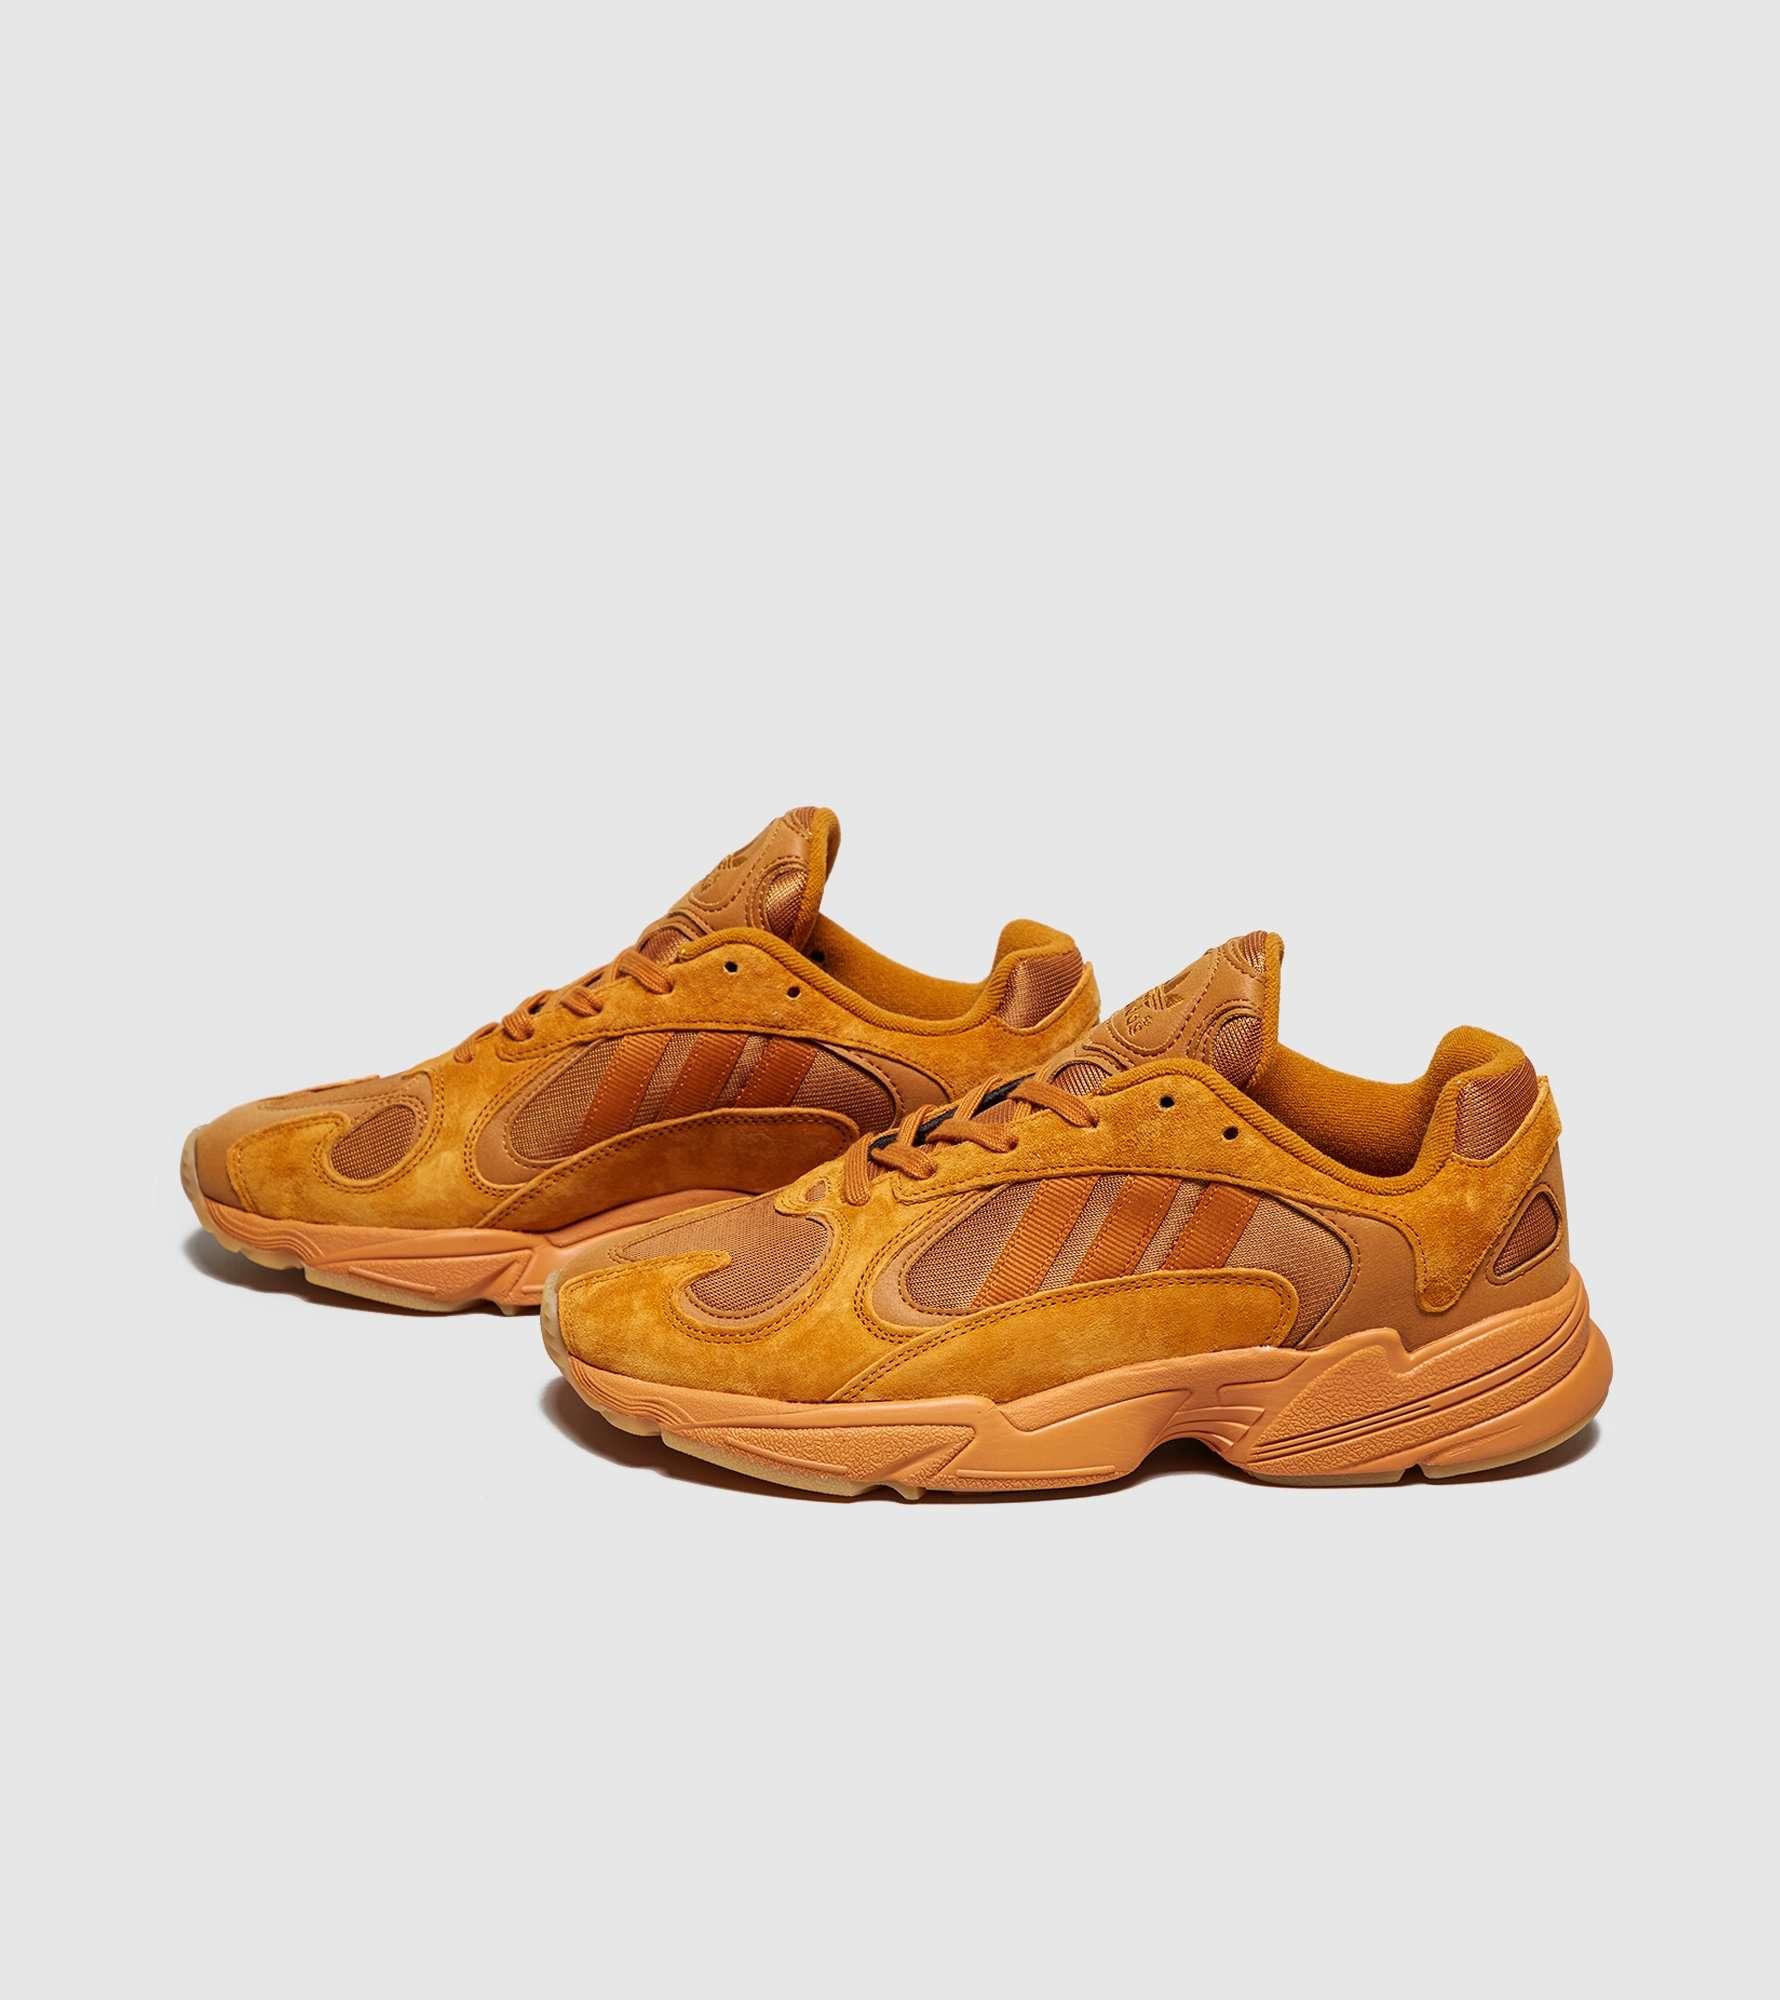 adidas Originals Yung-1 ?Ochre? - size? Exclusive